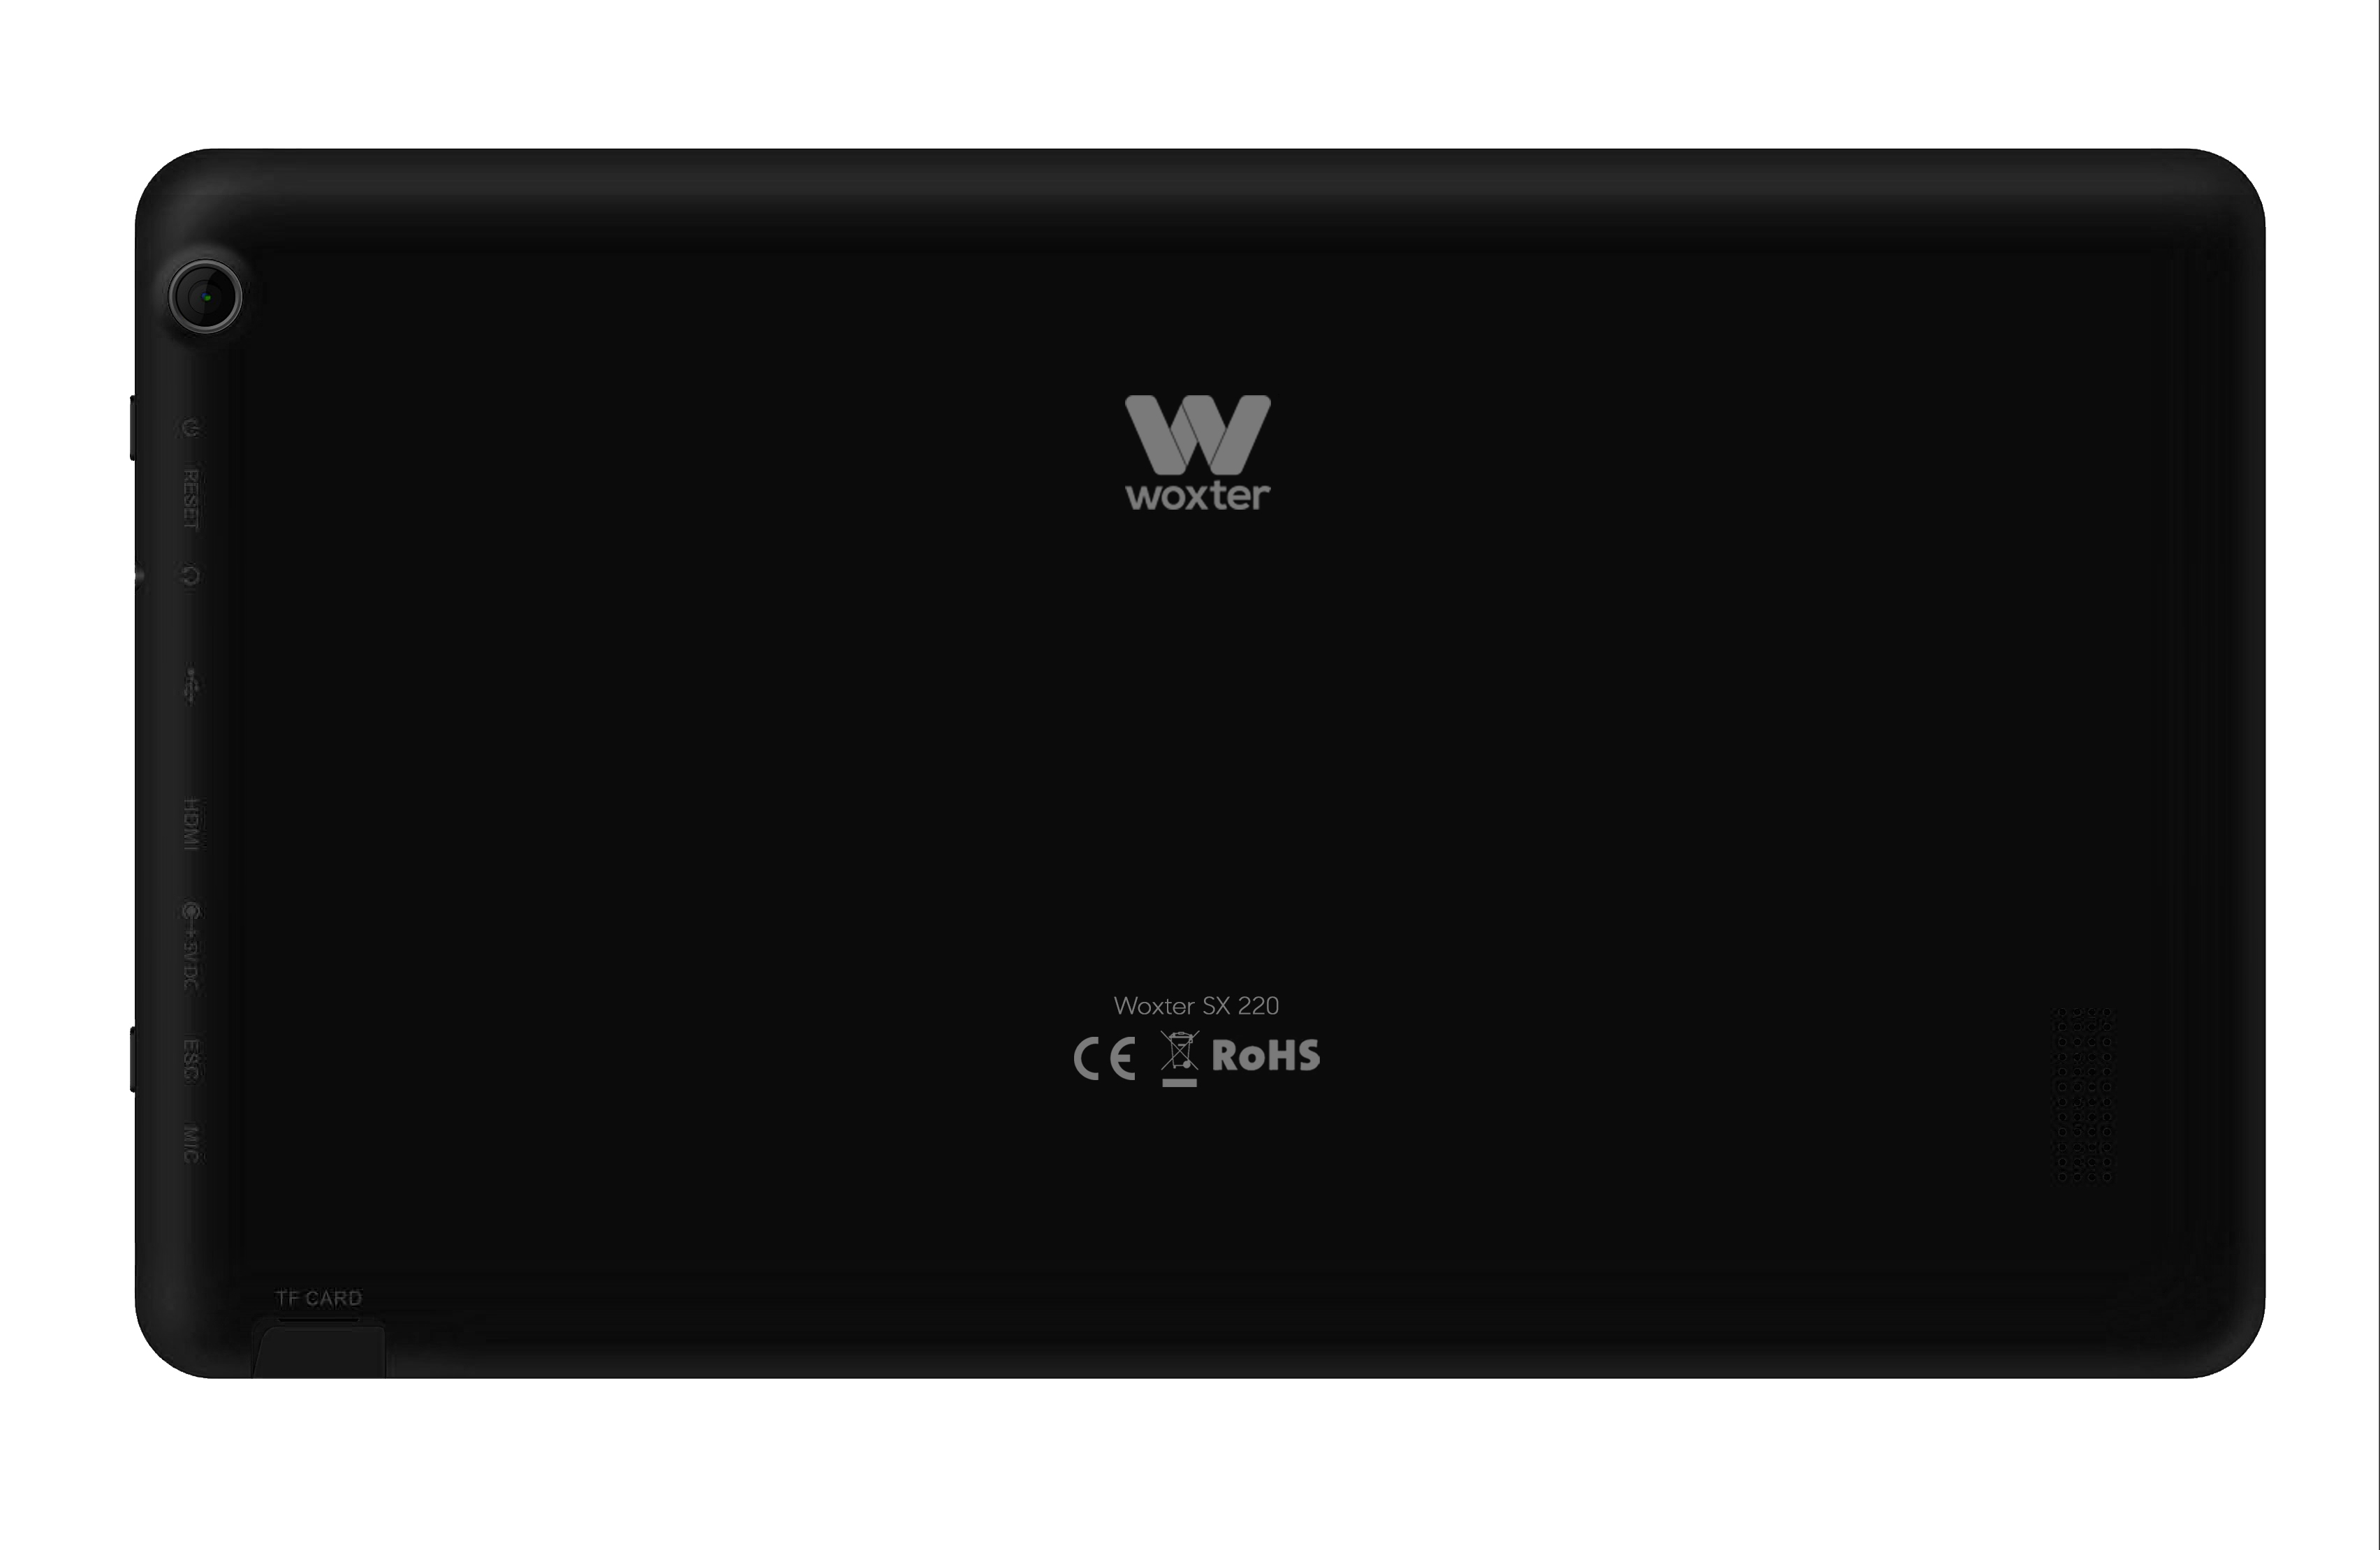 Woxter SX 220